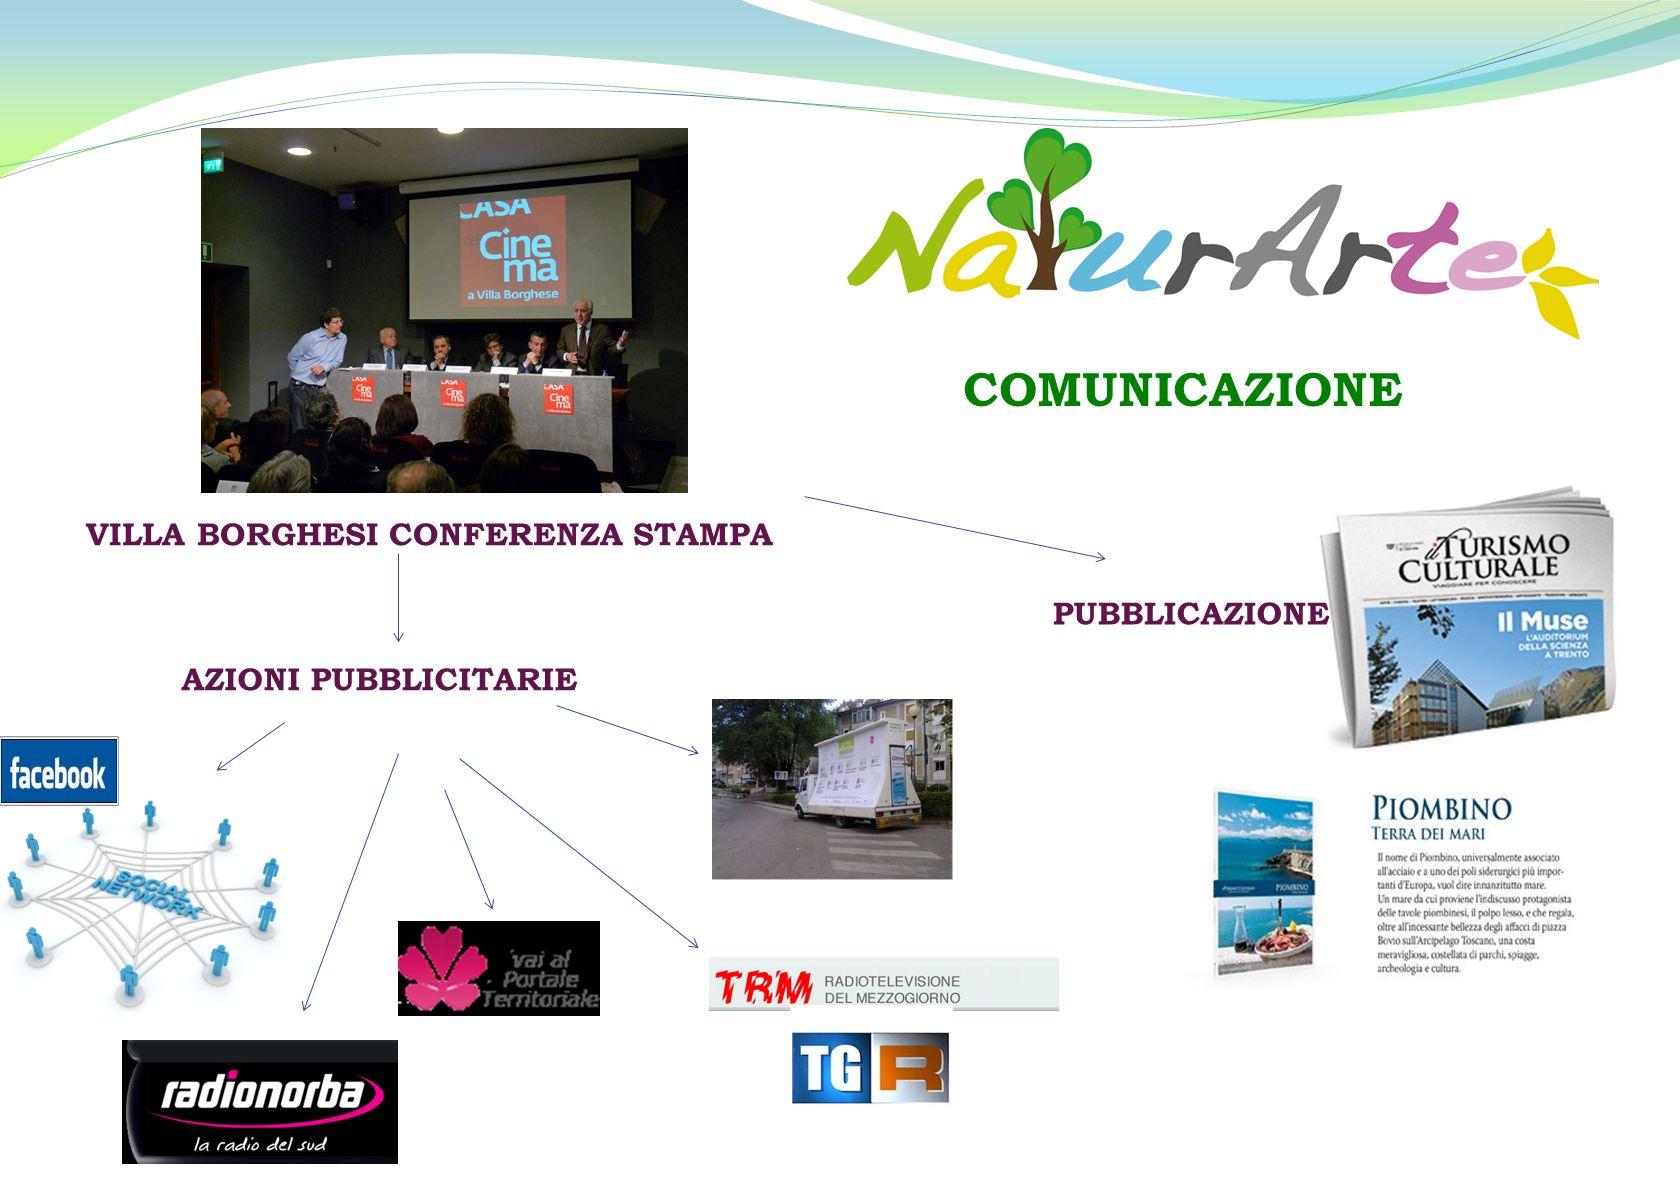 COMUNICAZIONE VILLA BORGHESI CONFERENZA STAMPA PUBBLICAZIONE